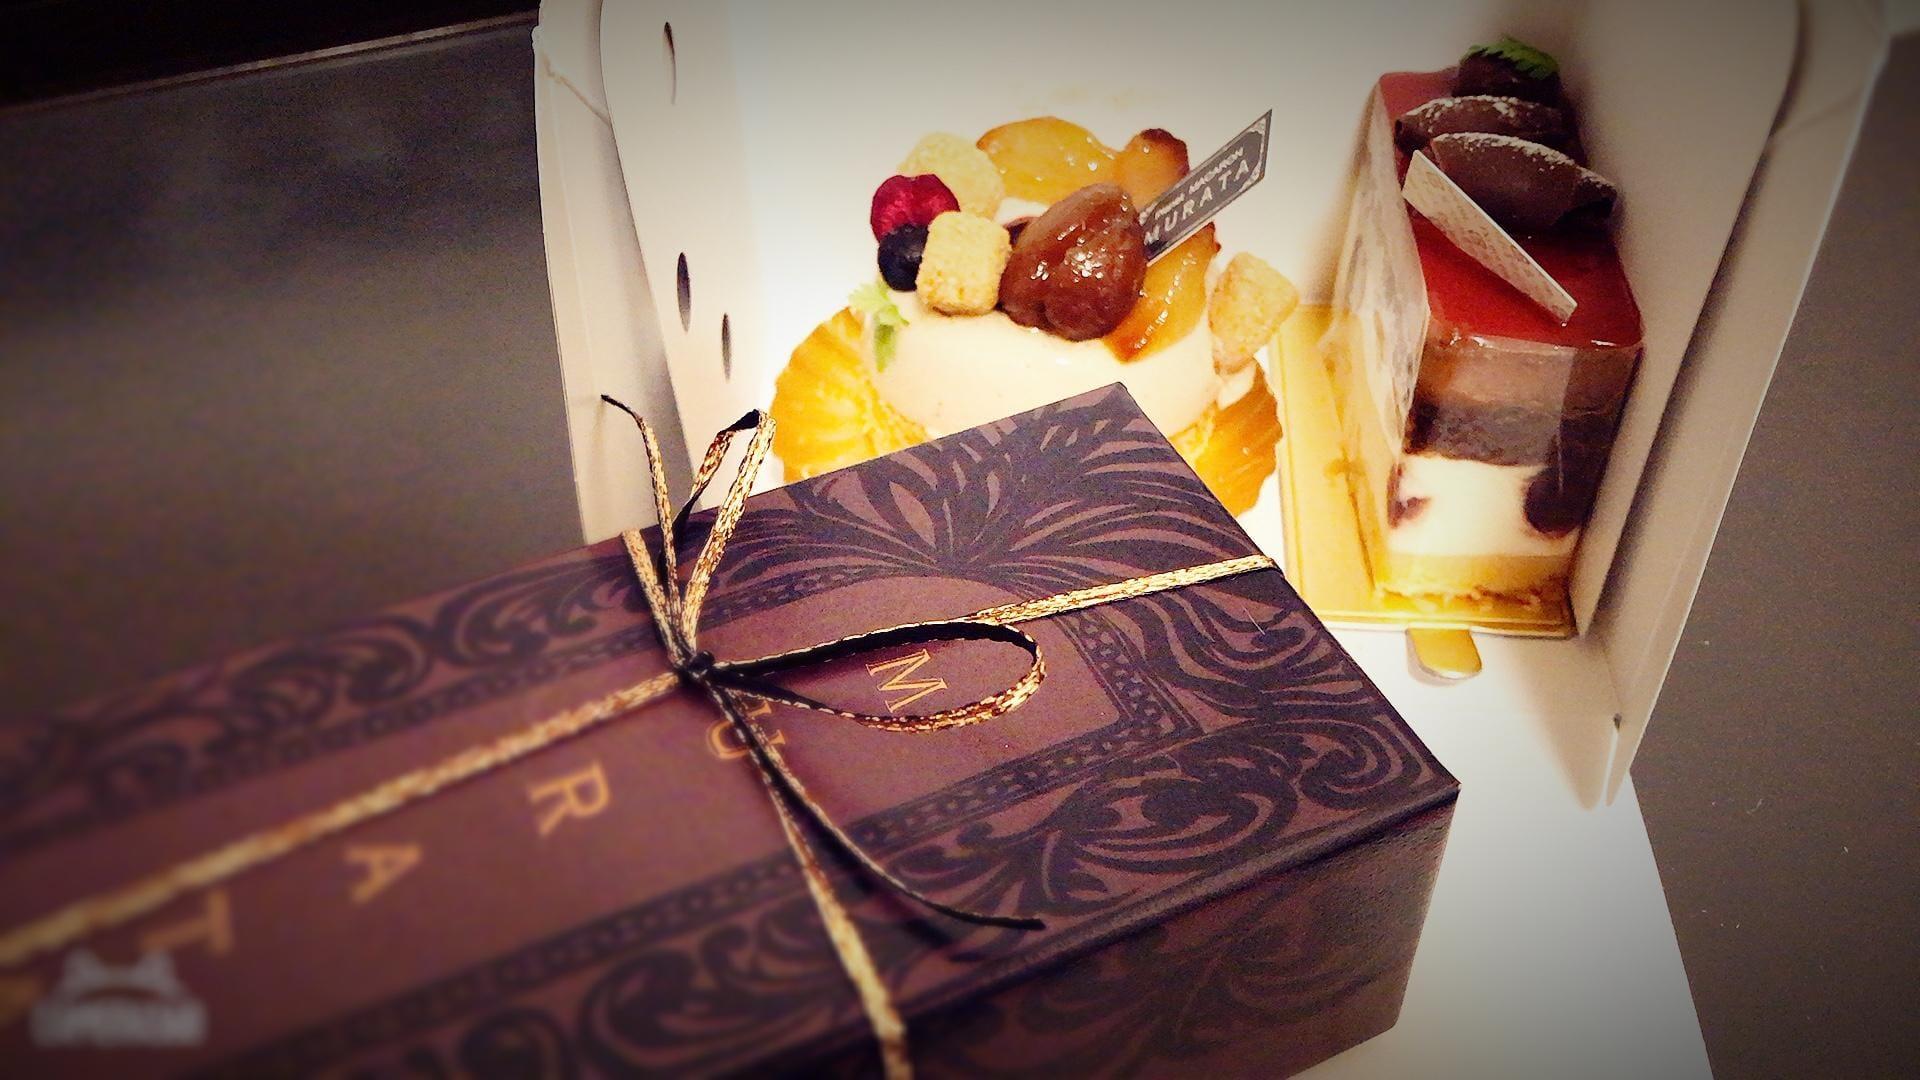 芹沢 月姫「♥お礼です。♥」11/12(月) 18:19 | 芹沢 月姫の写メ・風俗動画